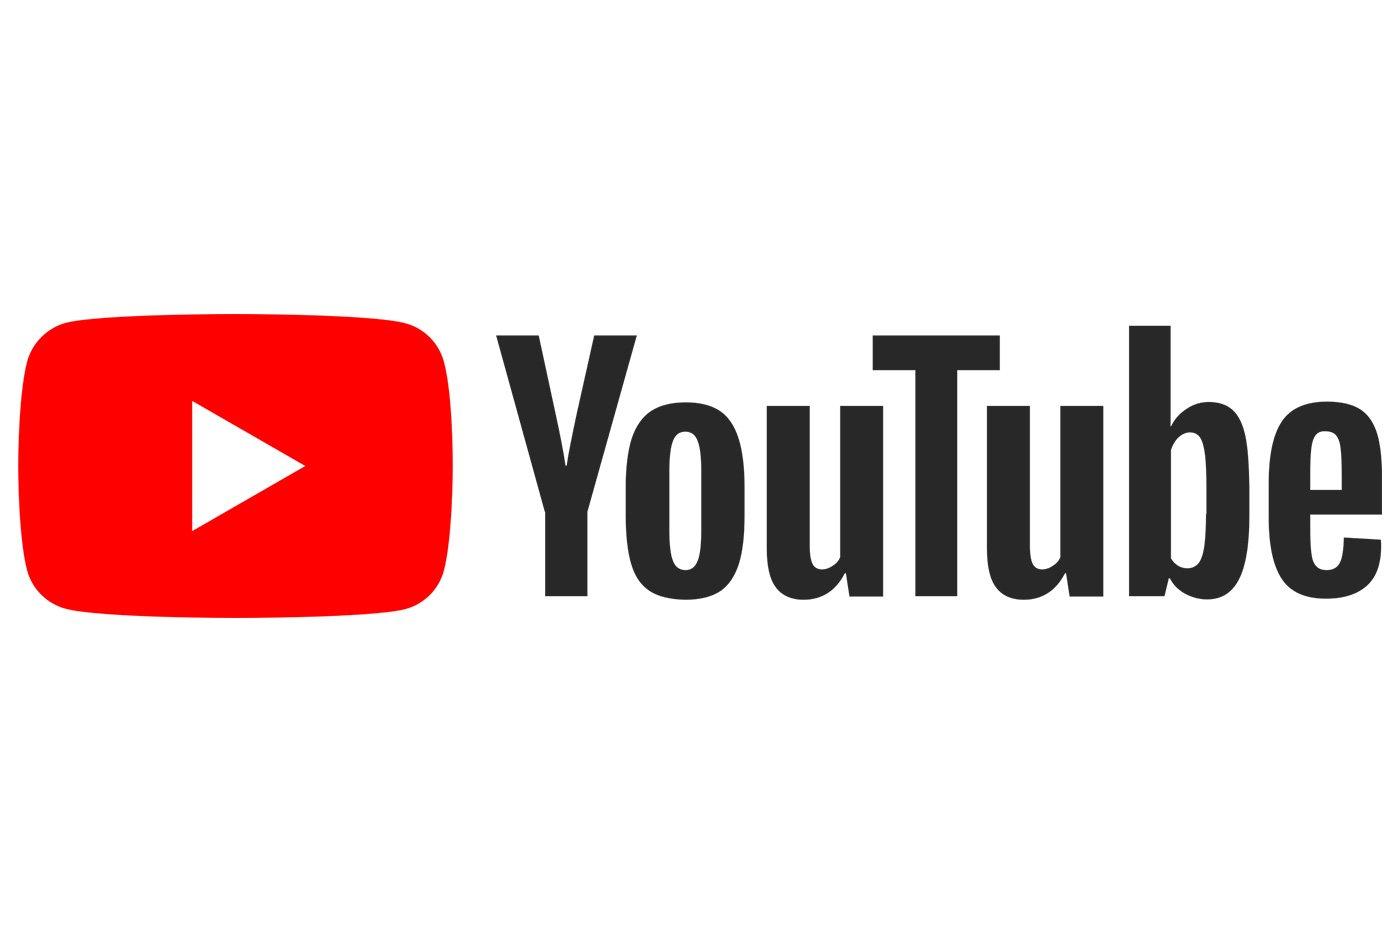 """Résultat de recherche d'images pour """"youtube"""""""